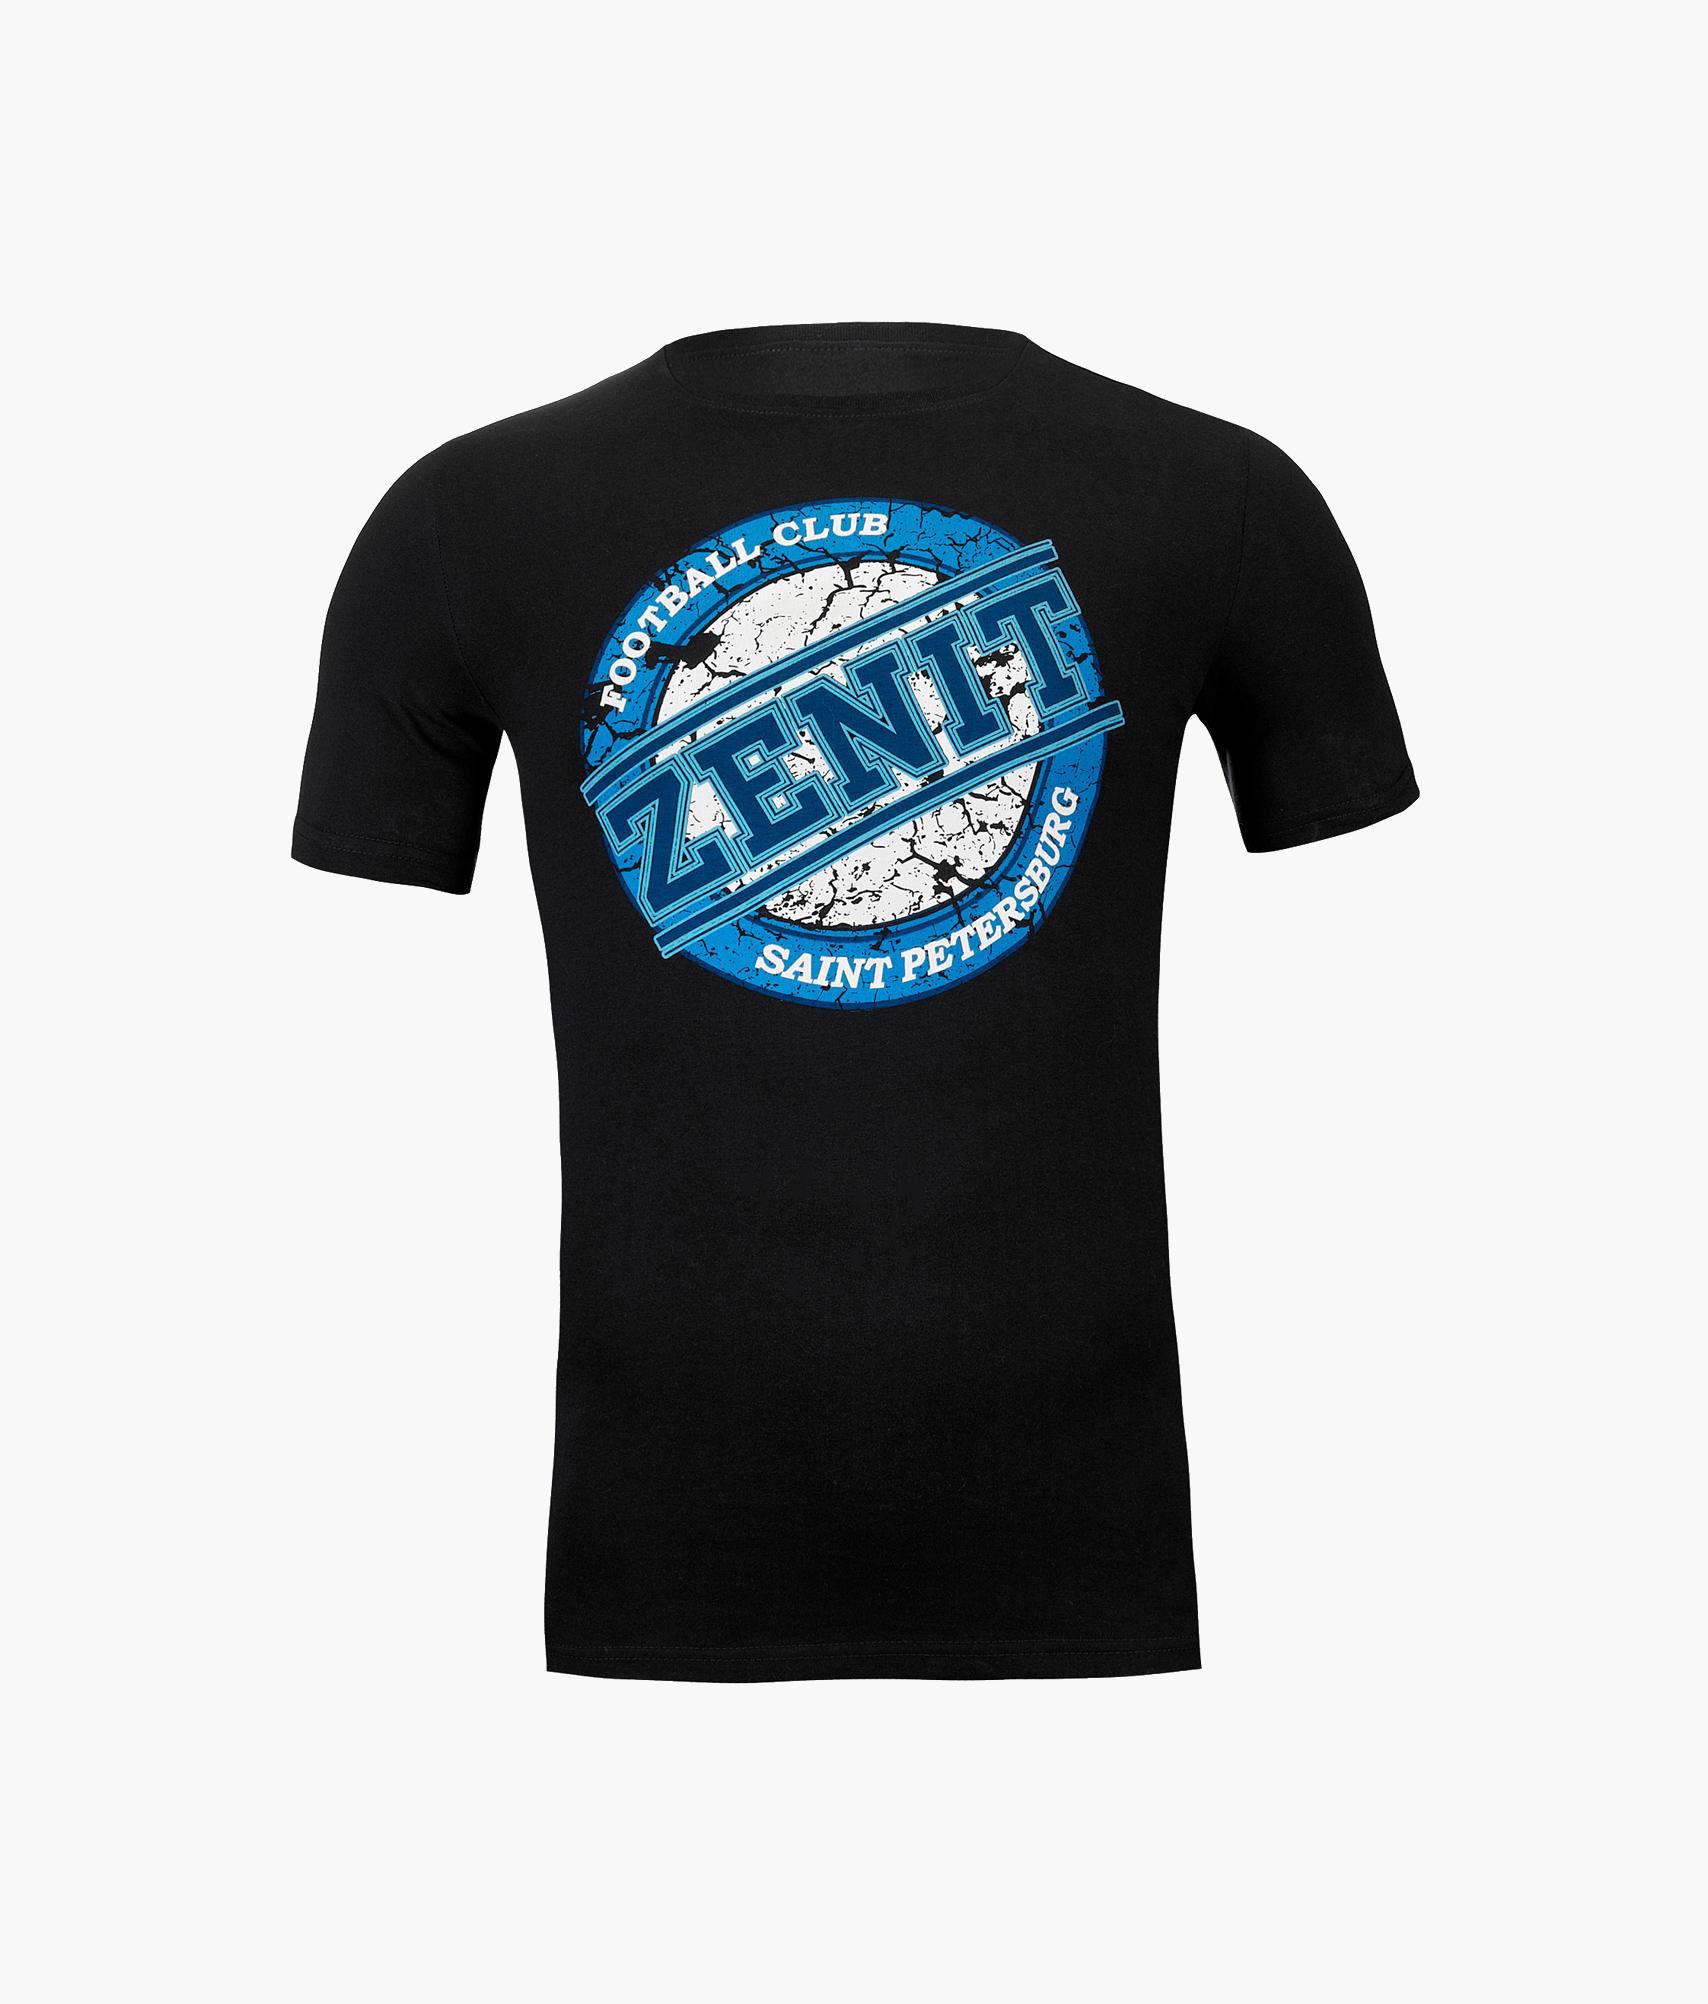 Футболка мужская Zenit Зенит Цвет-Темно-Синий куртка мужская vizani цвет темно синий v 17030c размер 58